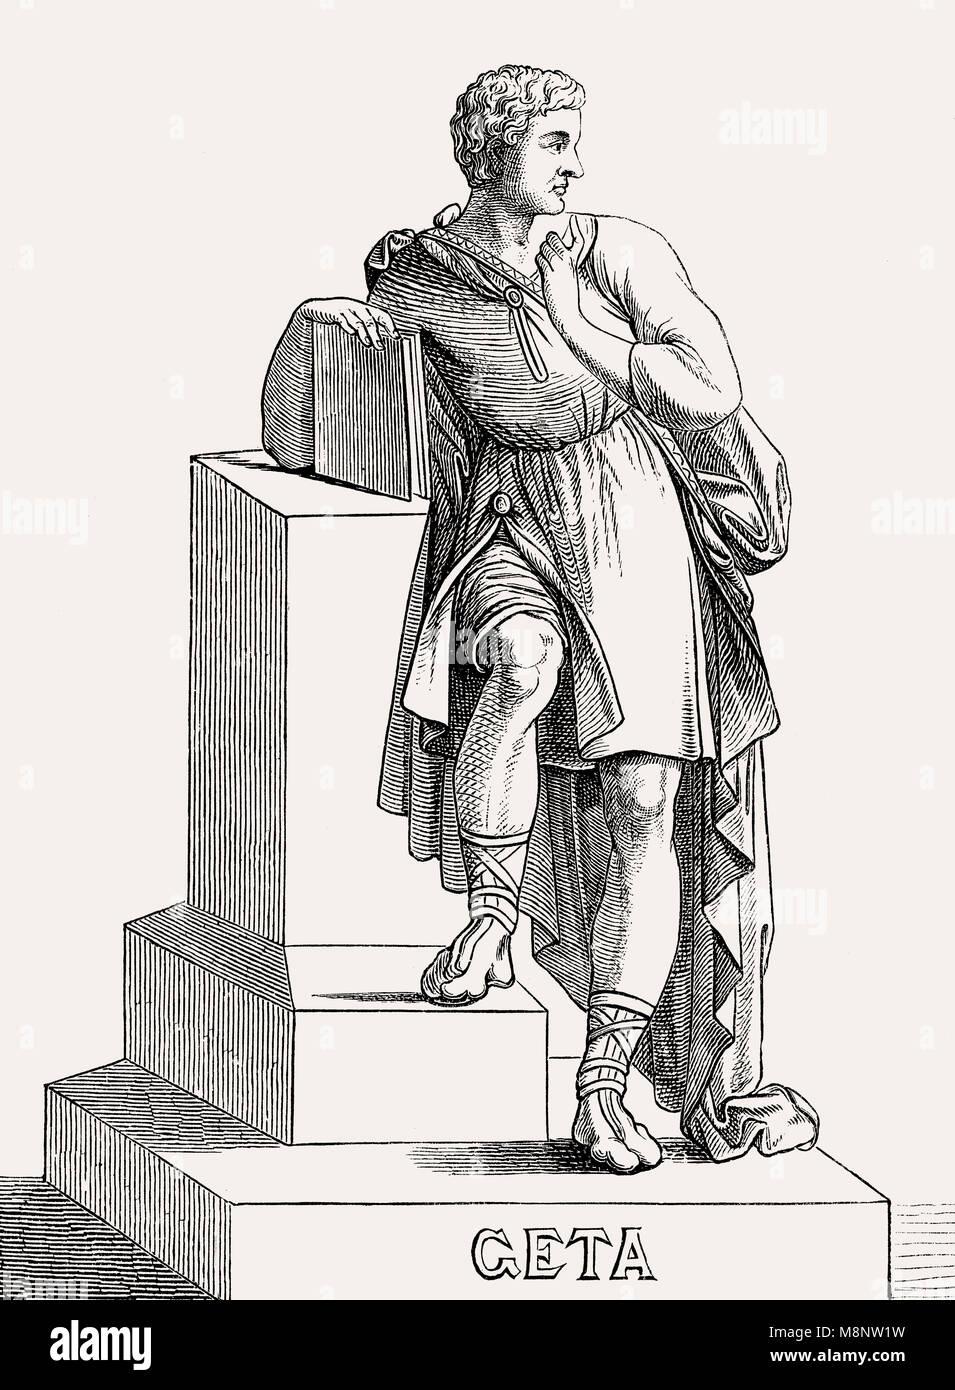 Geta, Publius oder Lucius Septimius Geta Augustus, 189 - 211, Römischer Kaiser Stockbild